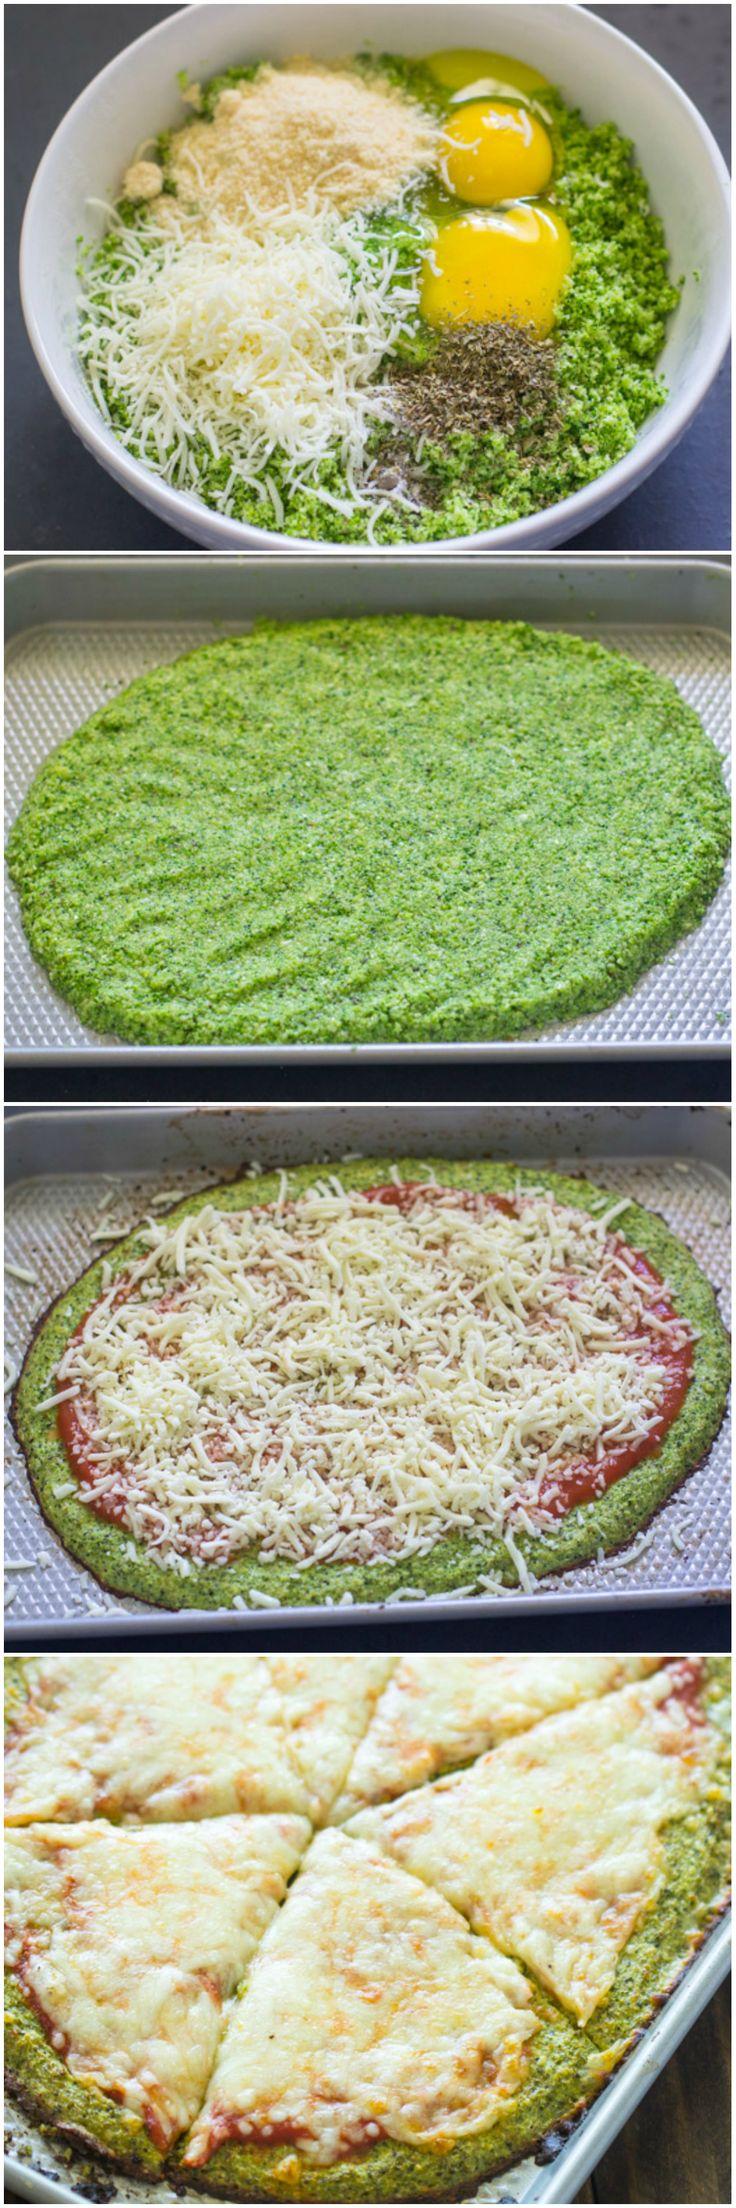 Käse durch irgendwas ersetzen, evtl ein zusätzliches ei und hefeflocken; evtl dann auch mehr würzen paleo dinner ideas